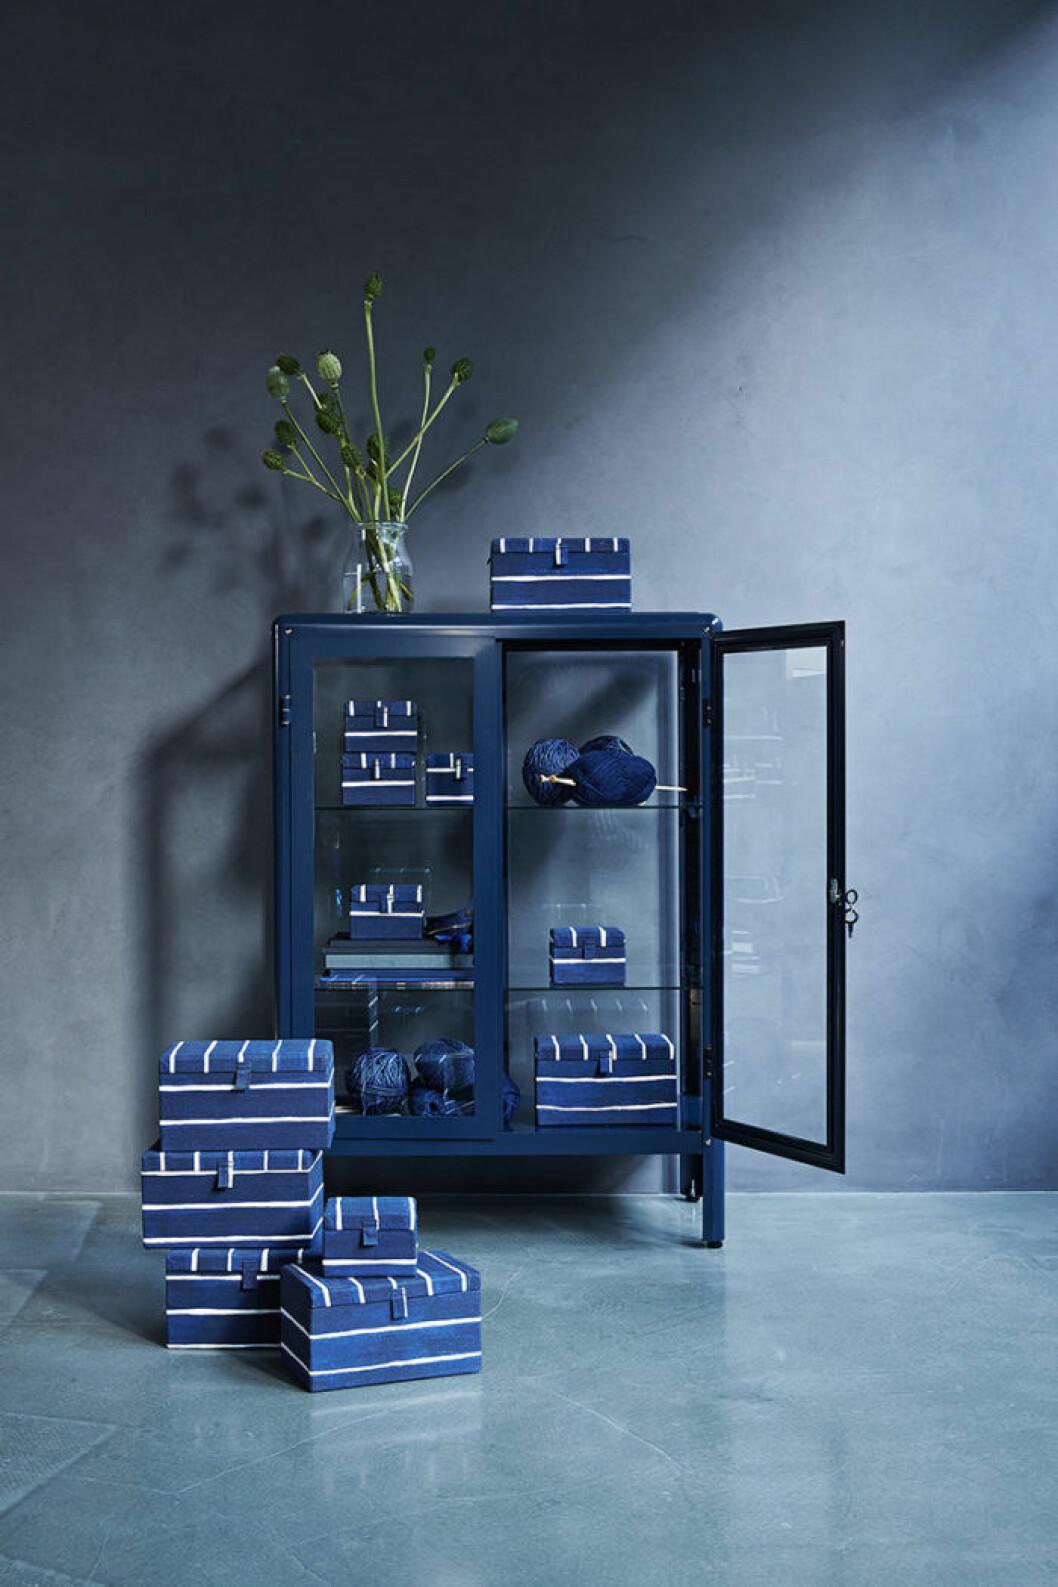 Innehållsrik blått skåp från IKEA.